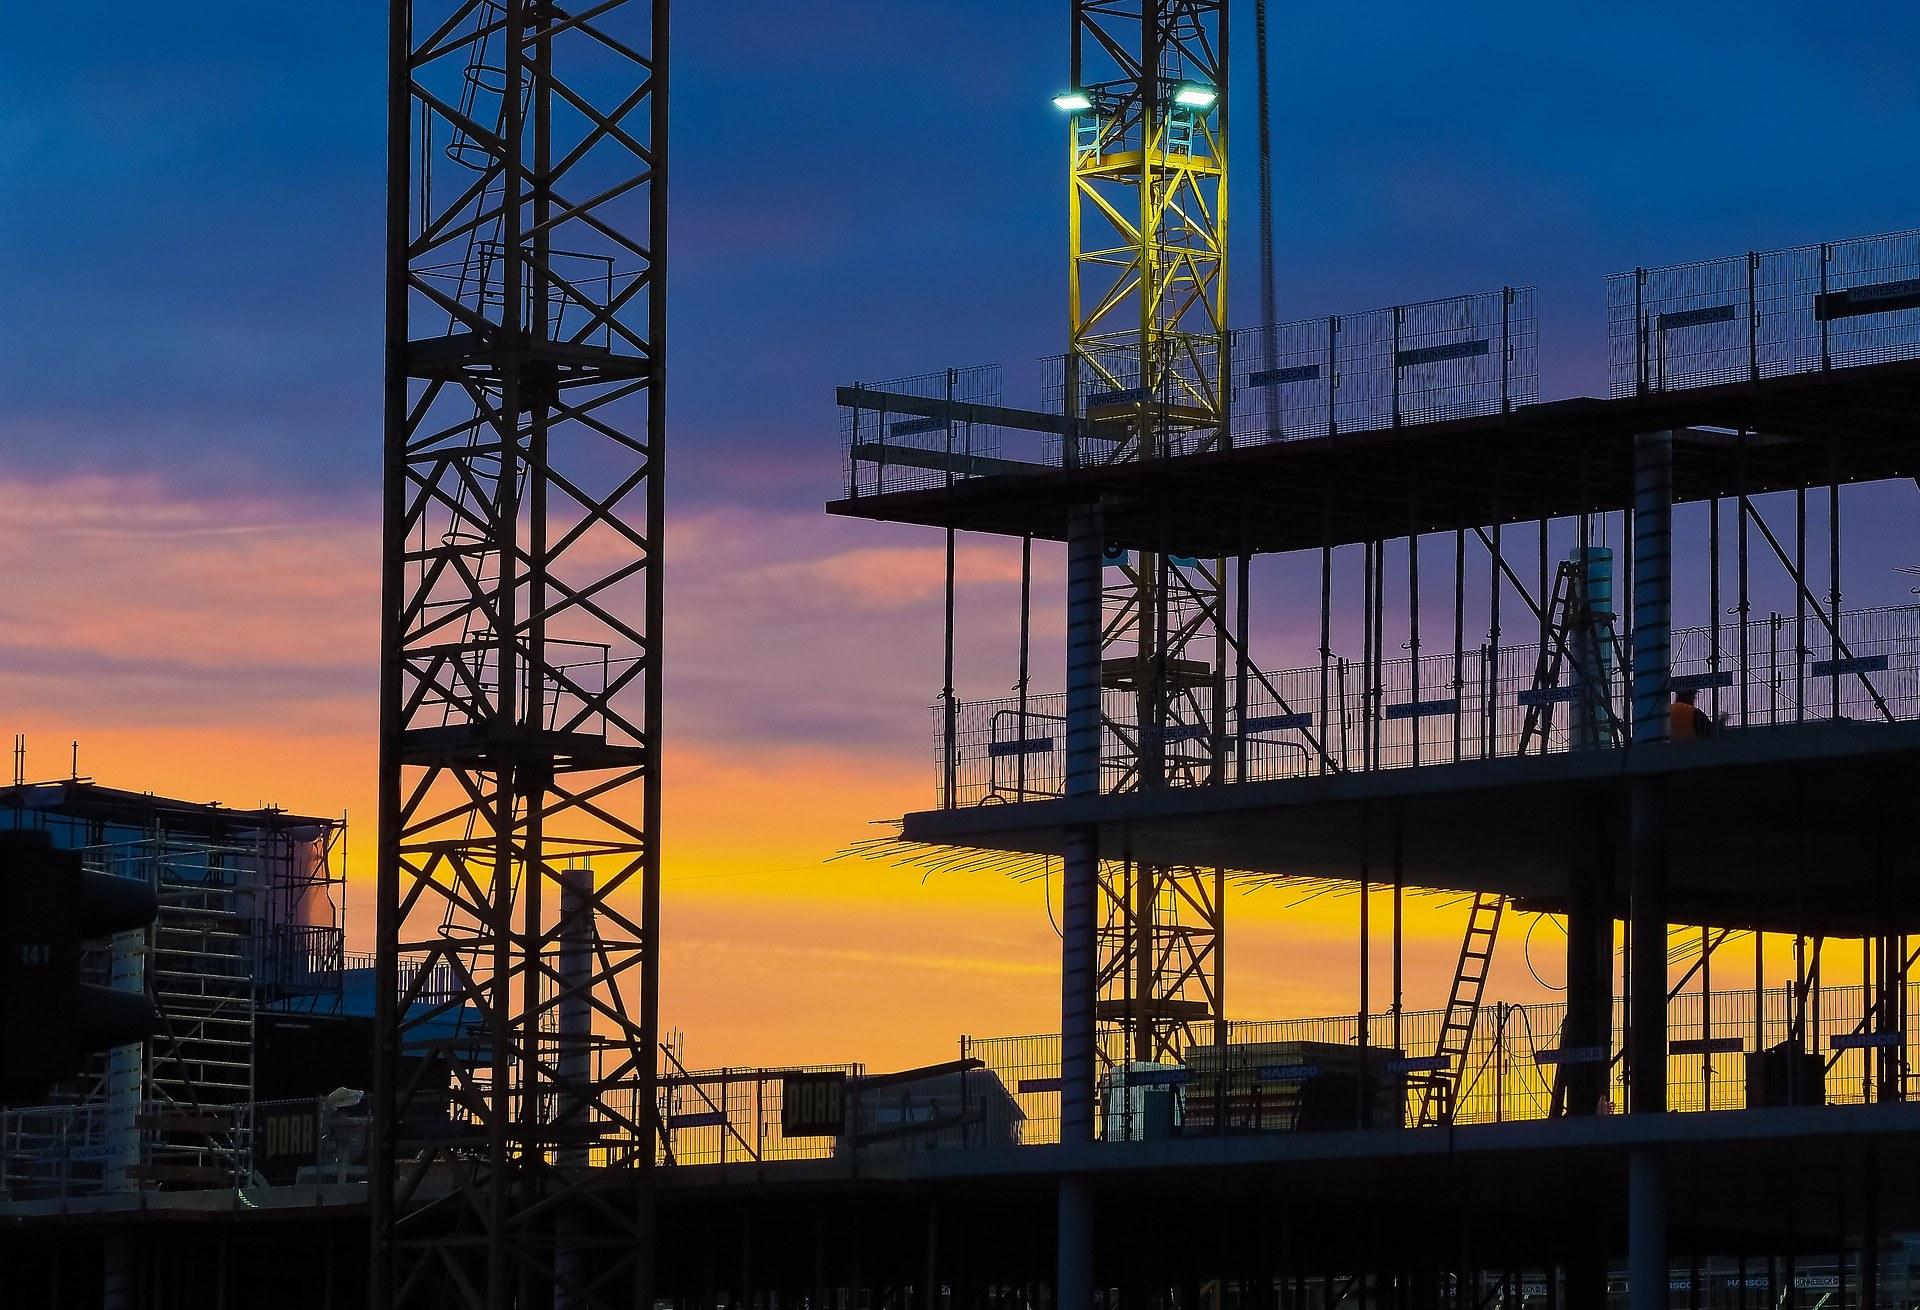 Baustellenüberwachung, Baustellenbewachung Mannheim, Sicherheitsdienst Baustelle